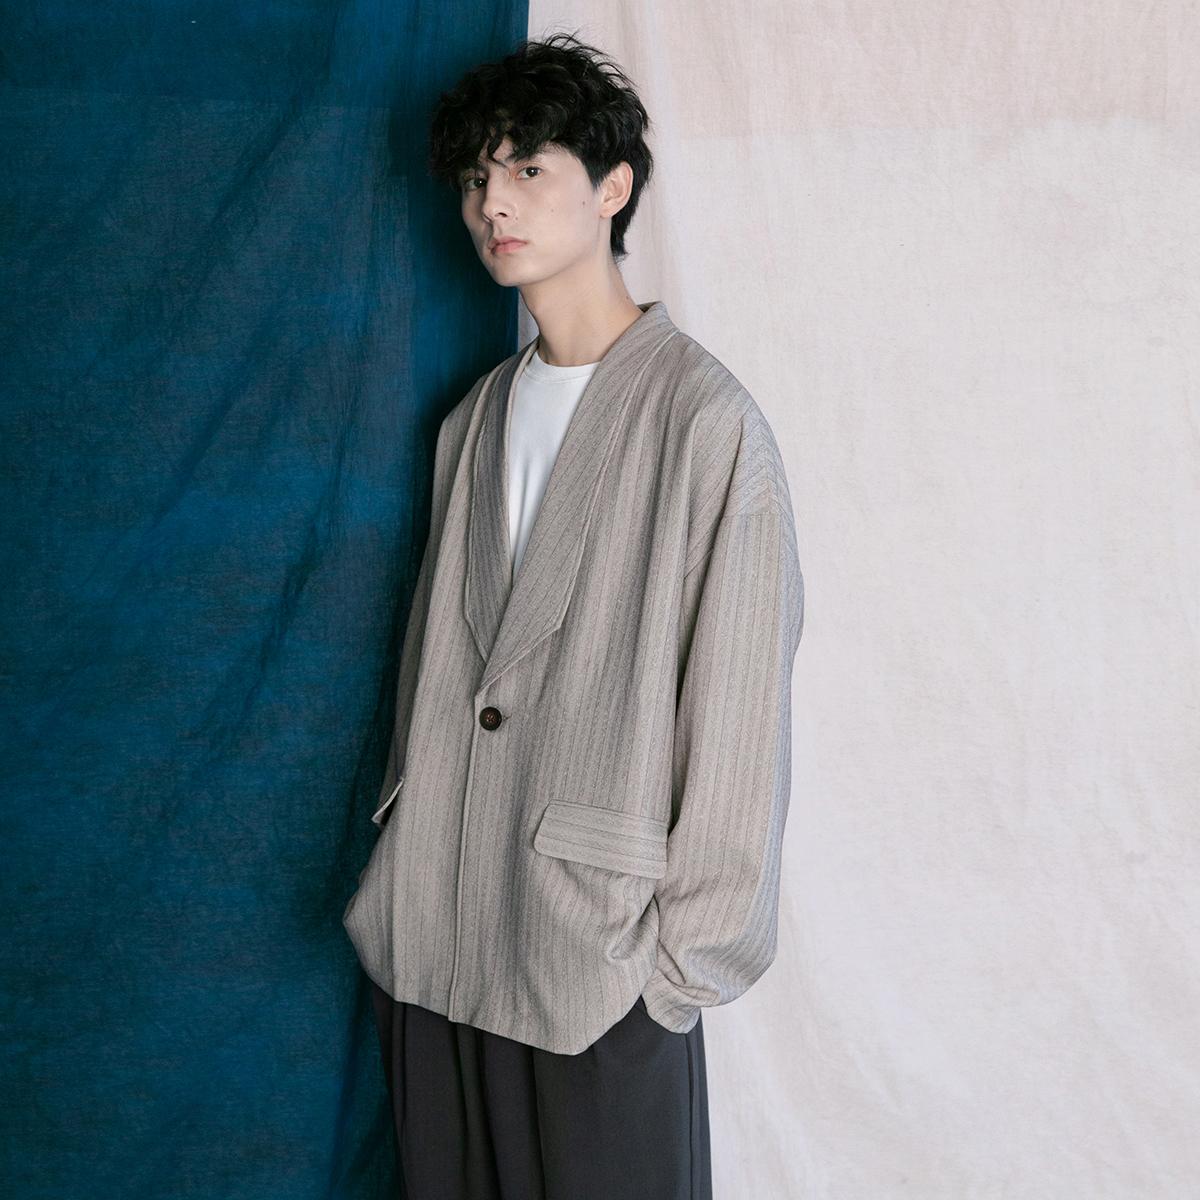 蒙马特先生 韩版西装外套男 秋季慵懒风潮人BF男女条纹百搭上衣